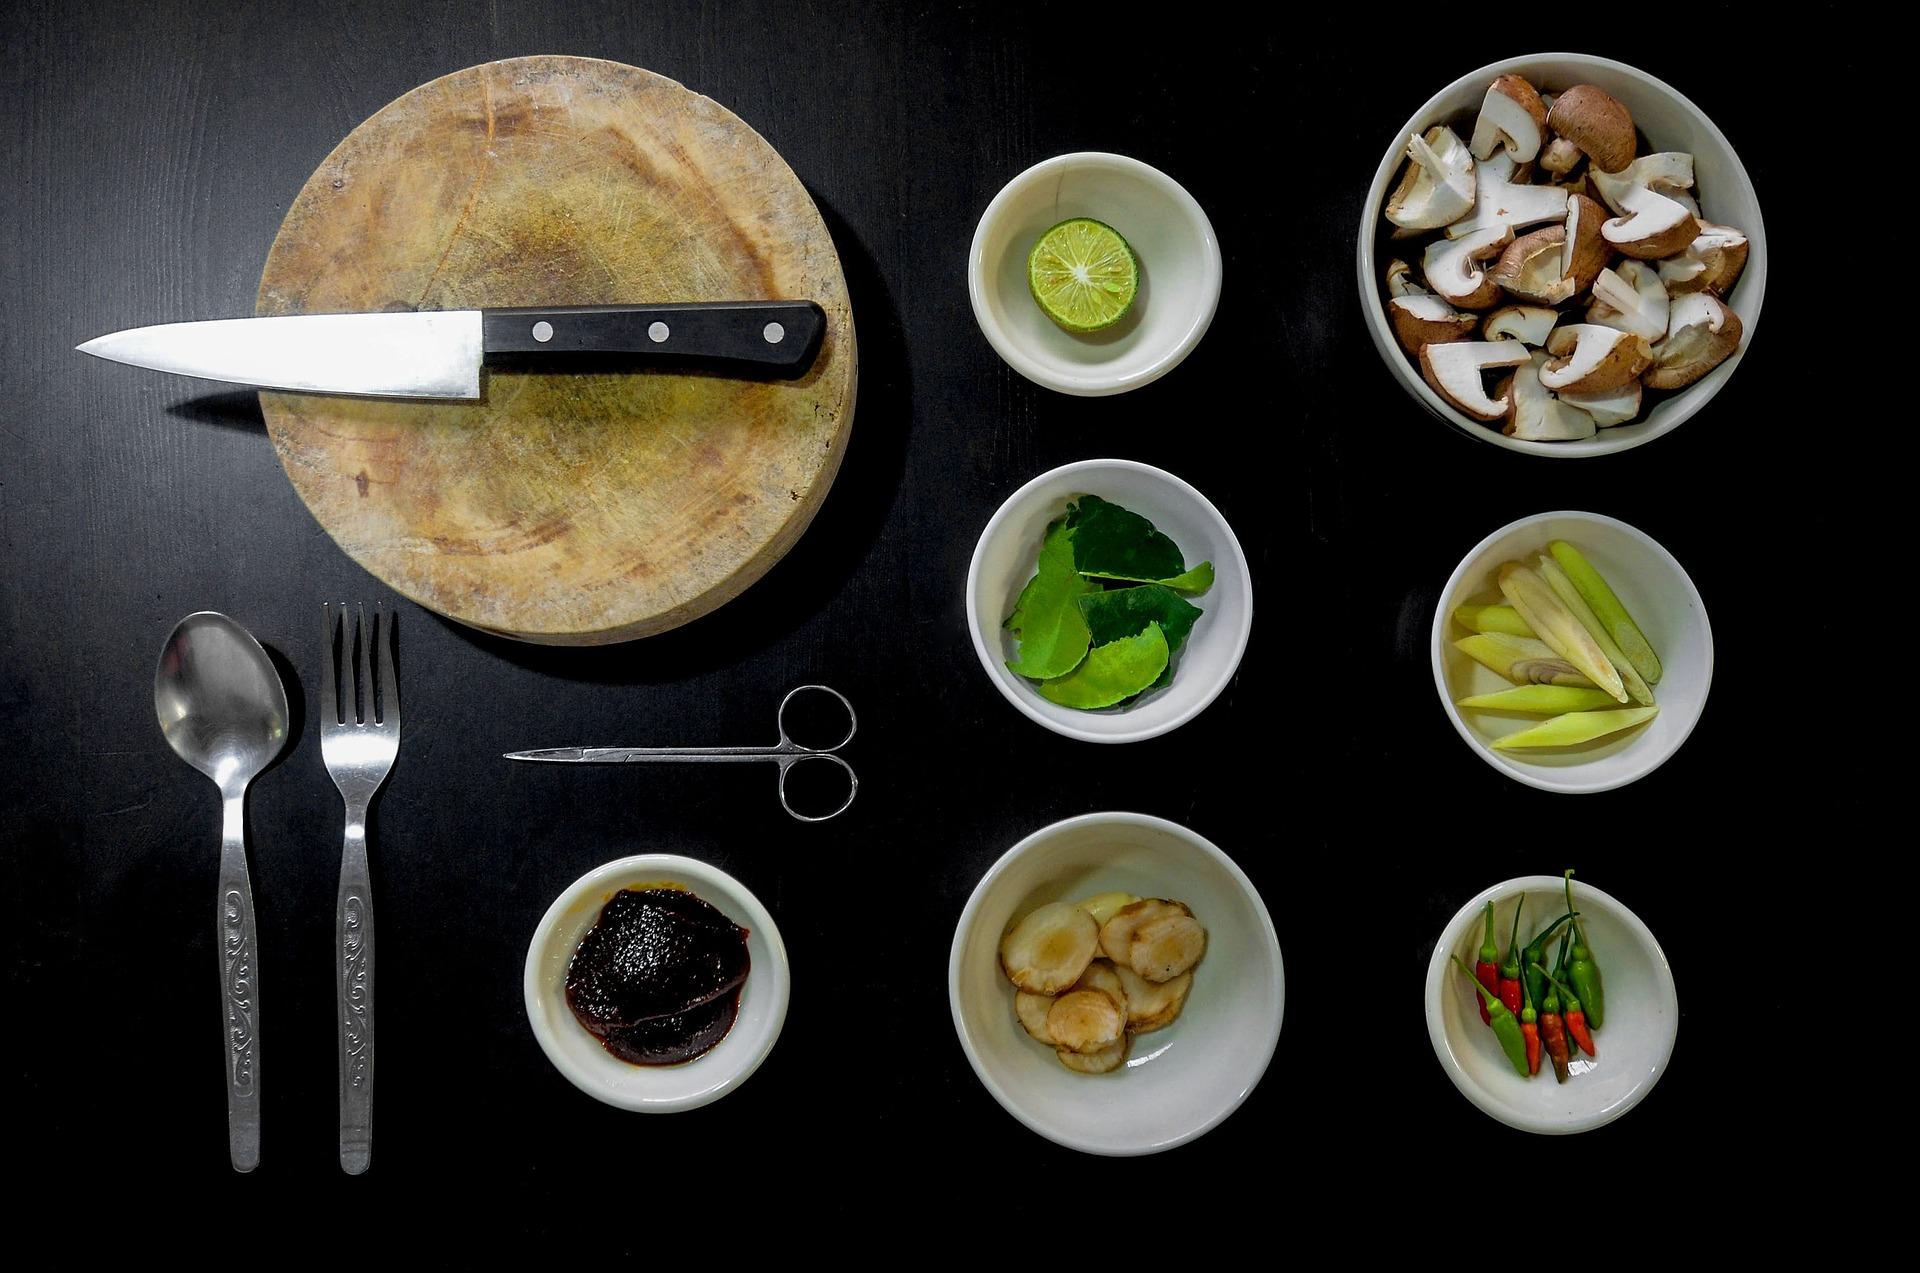 Recettes de cuisine végétarien vegan sain healthy food